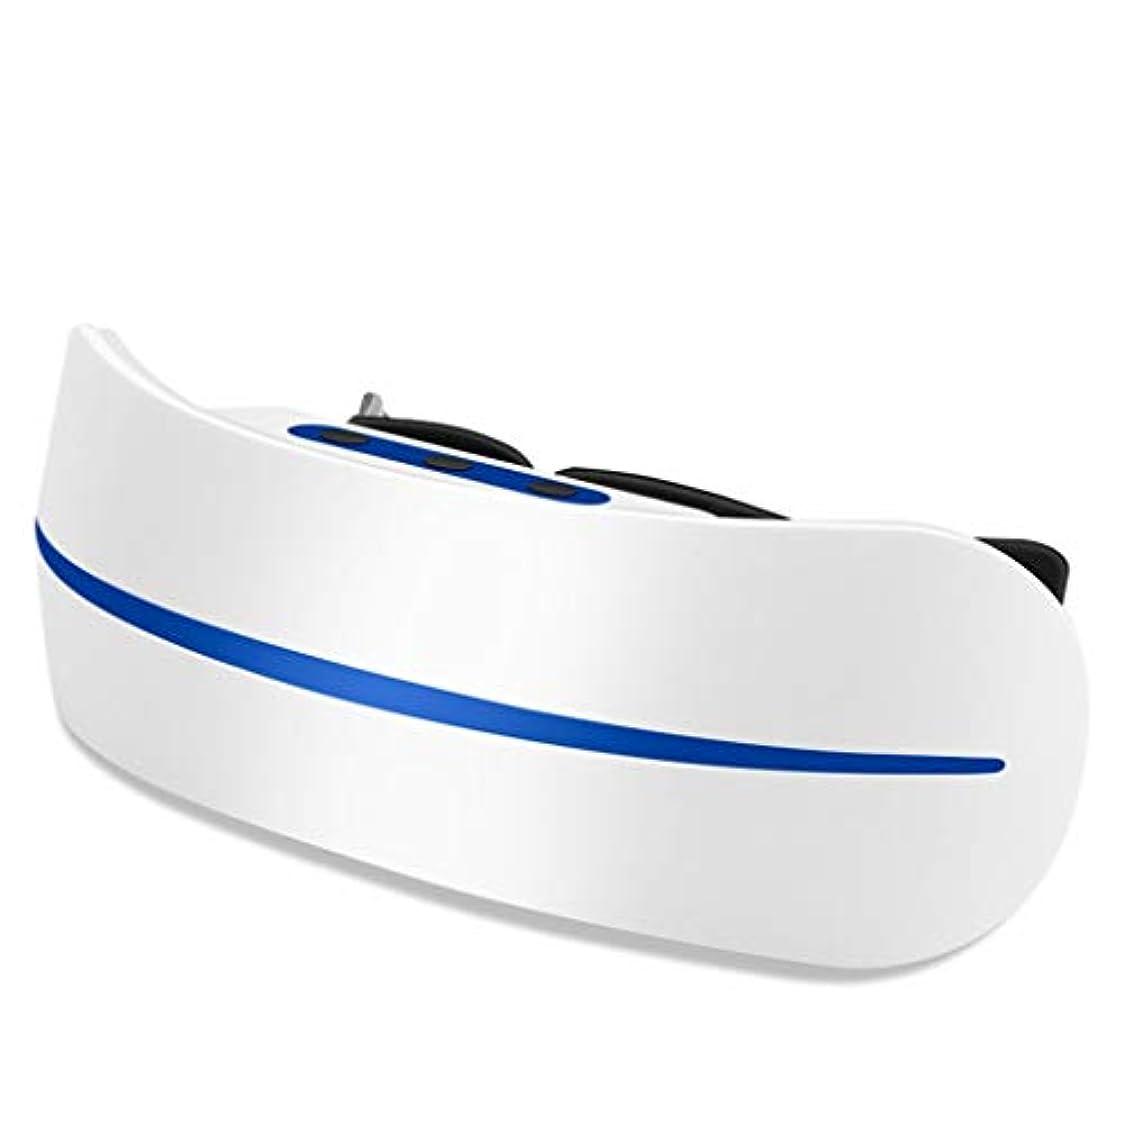 祝福トランクライブラリ学者アイマッサージャー視力回復剤アイ近視矯正アイプロテクターアイプロテクション軽減疲労ダークサークルアイマスク